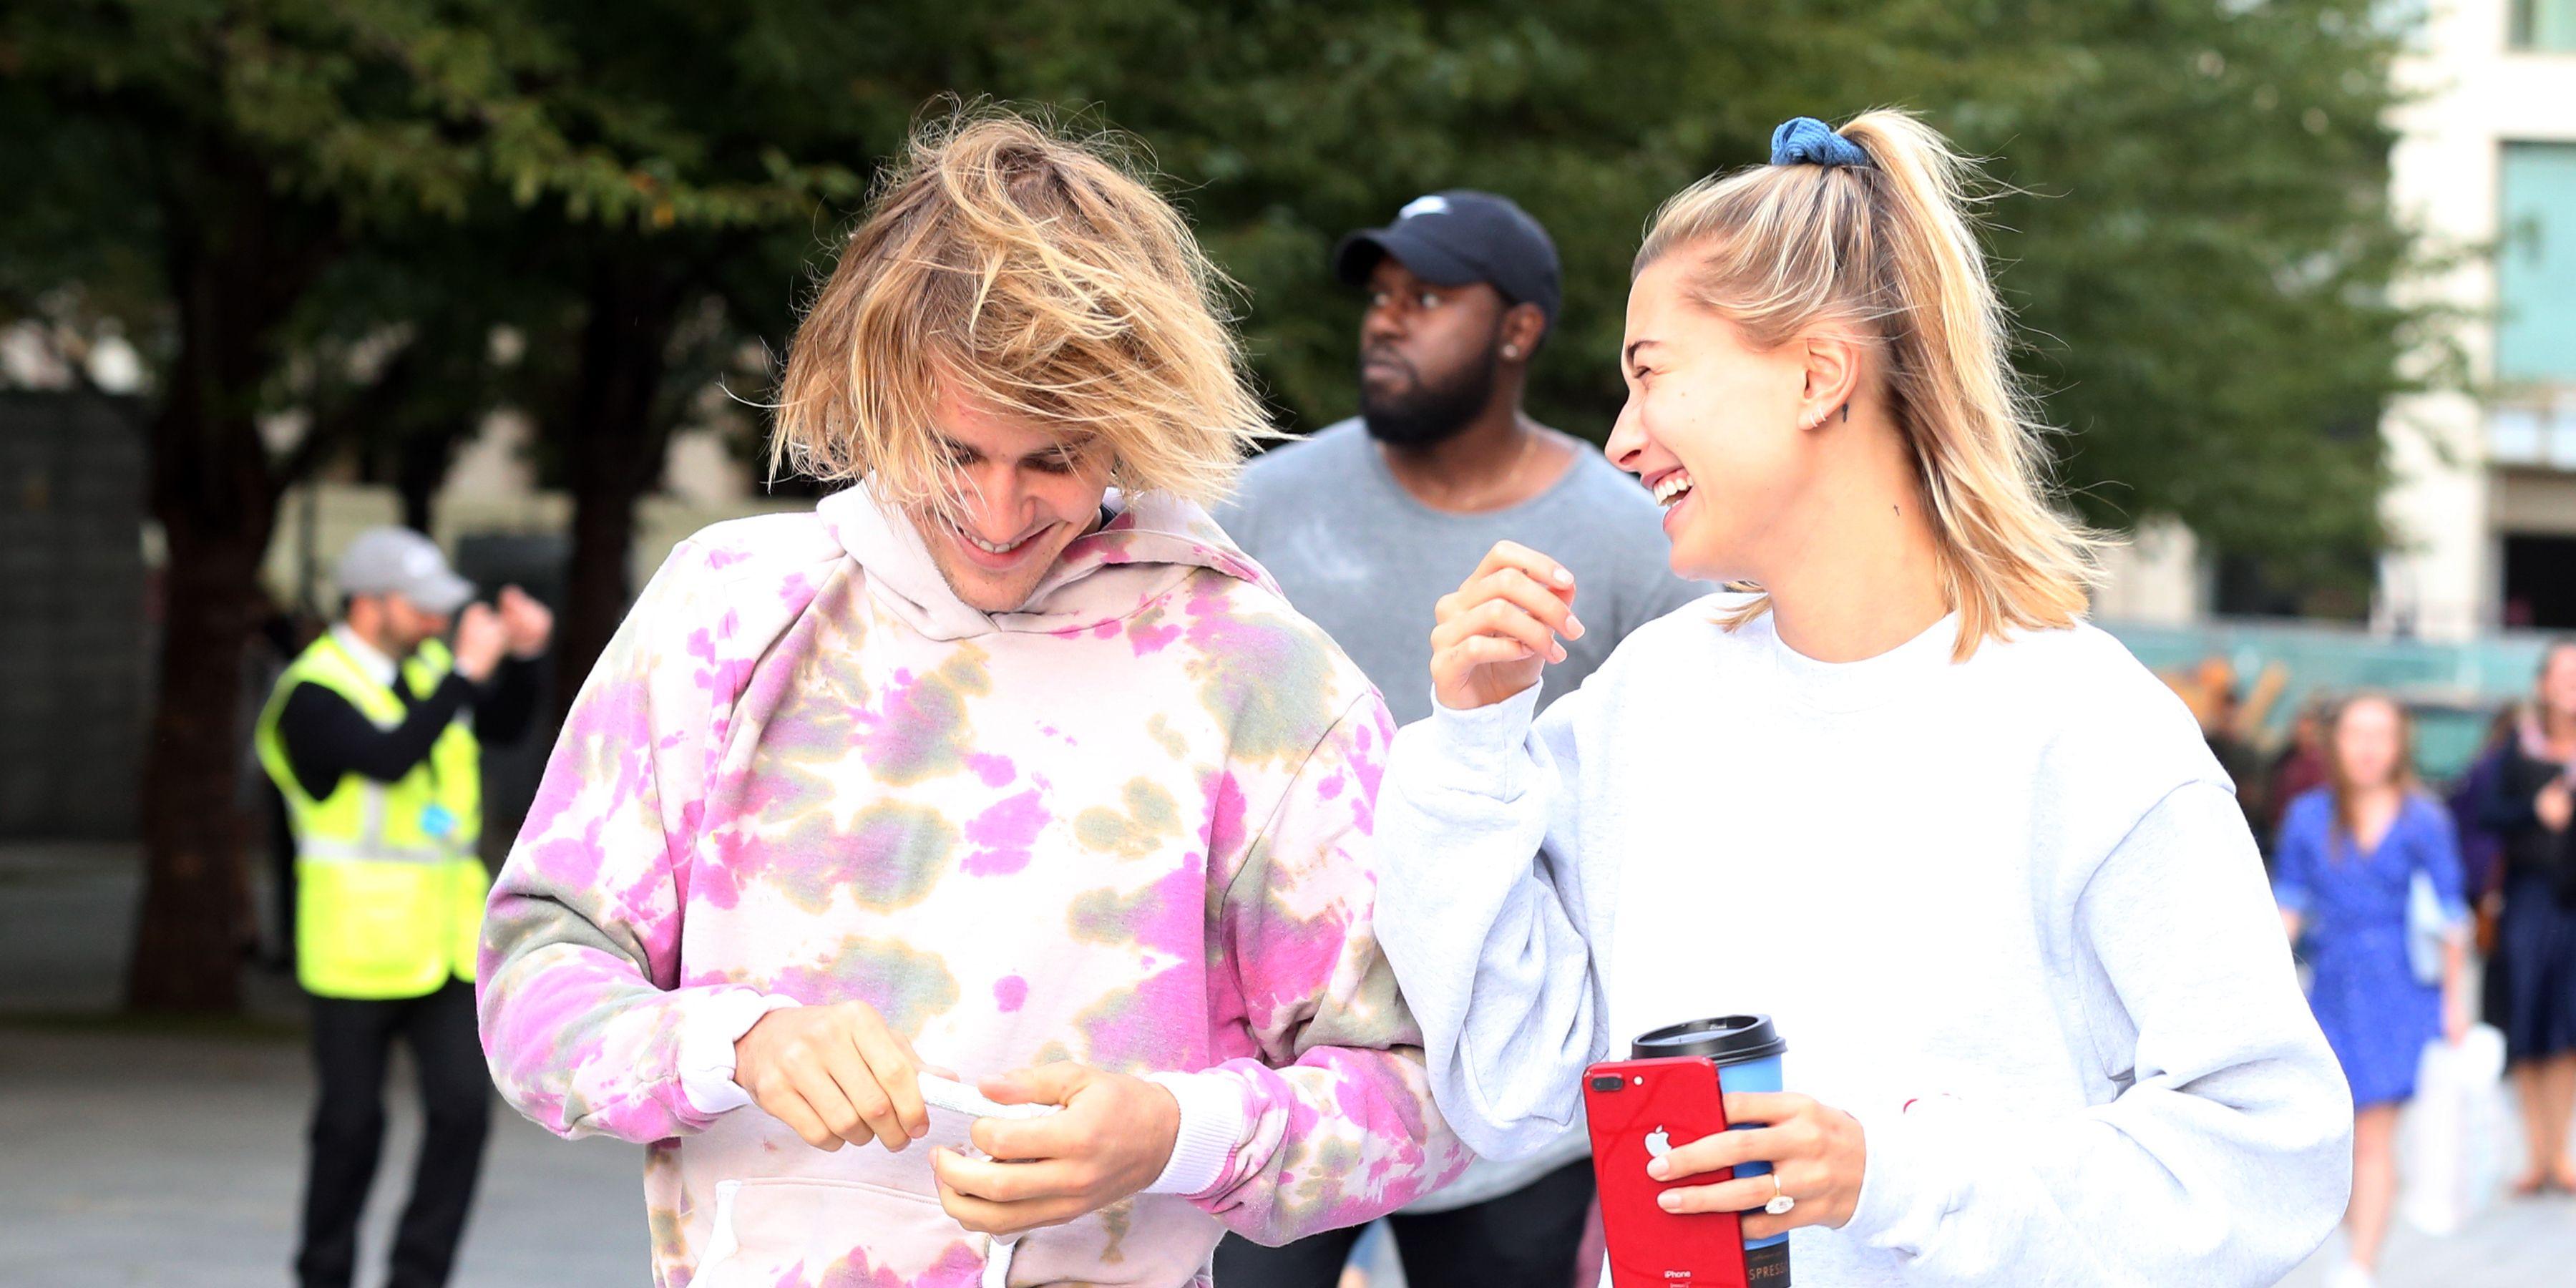 London Celebrity Sightings -  September 18, 2018